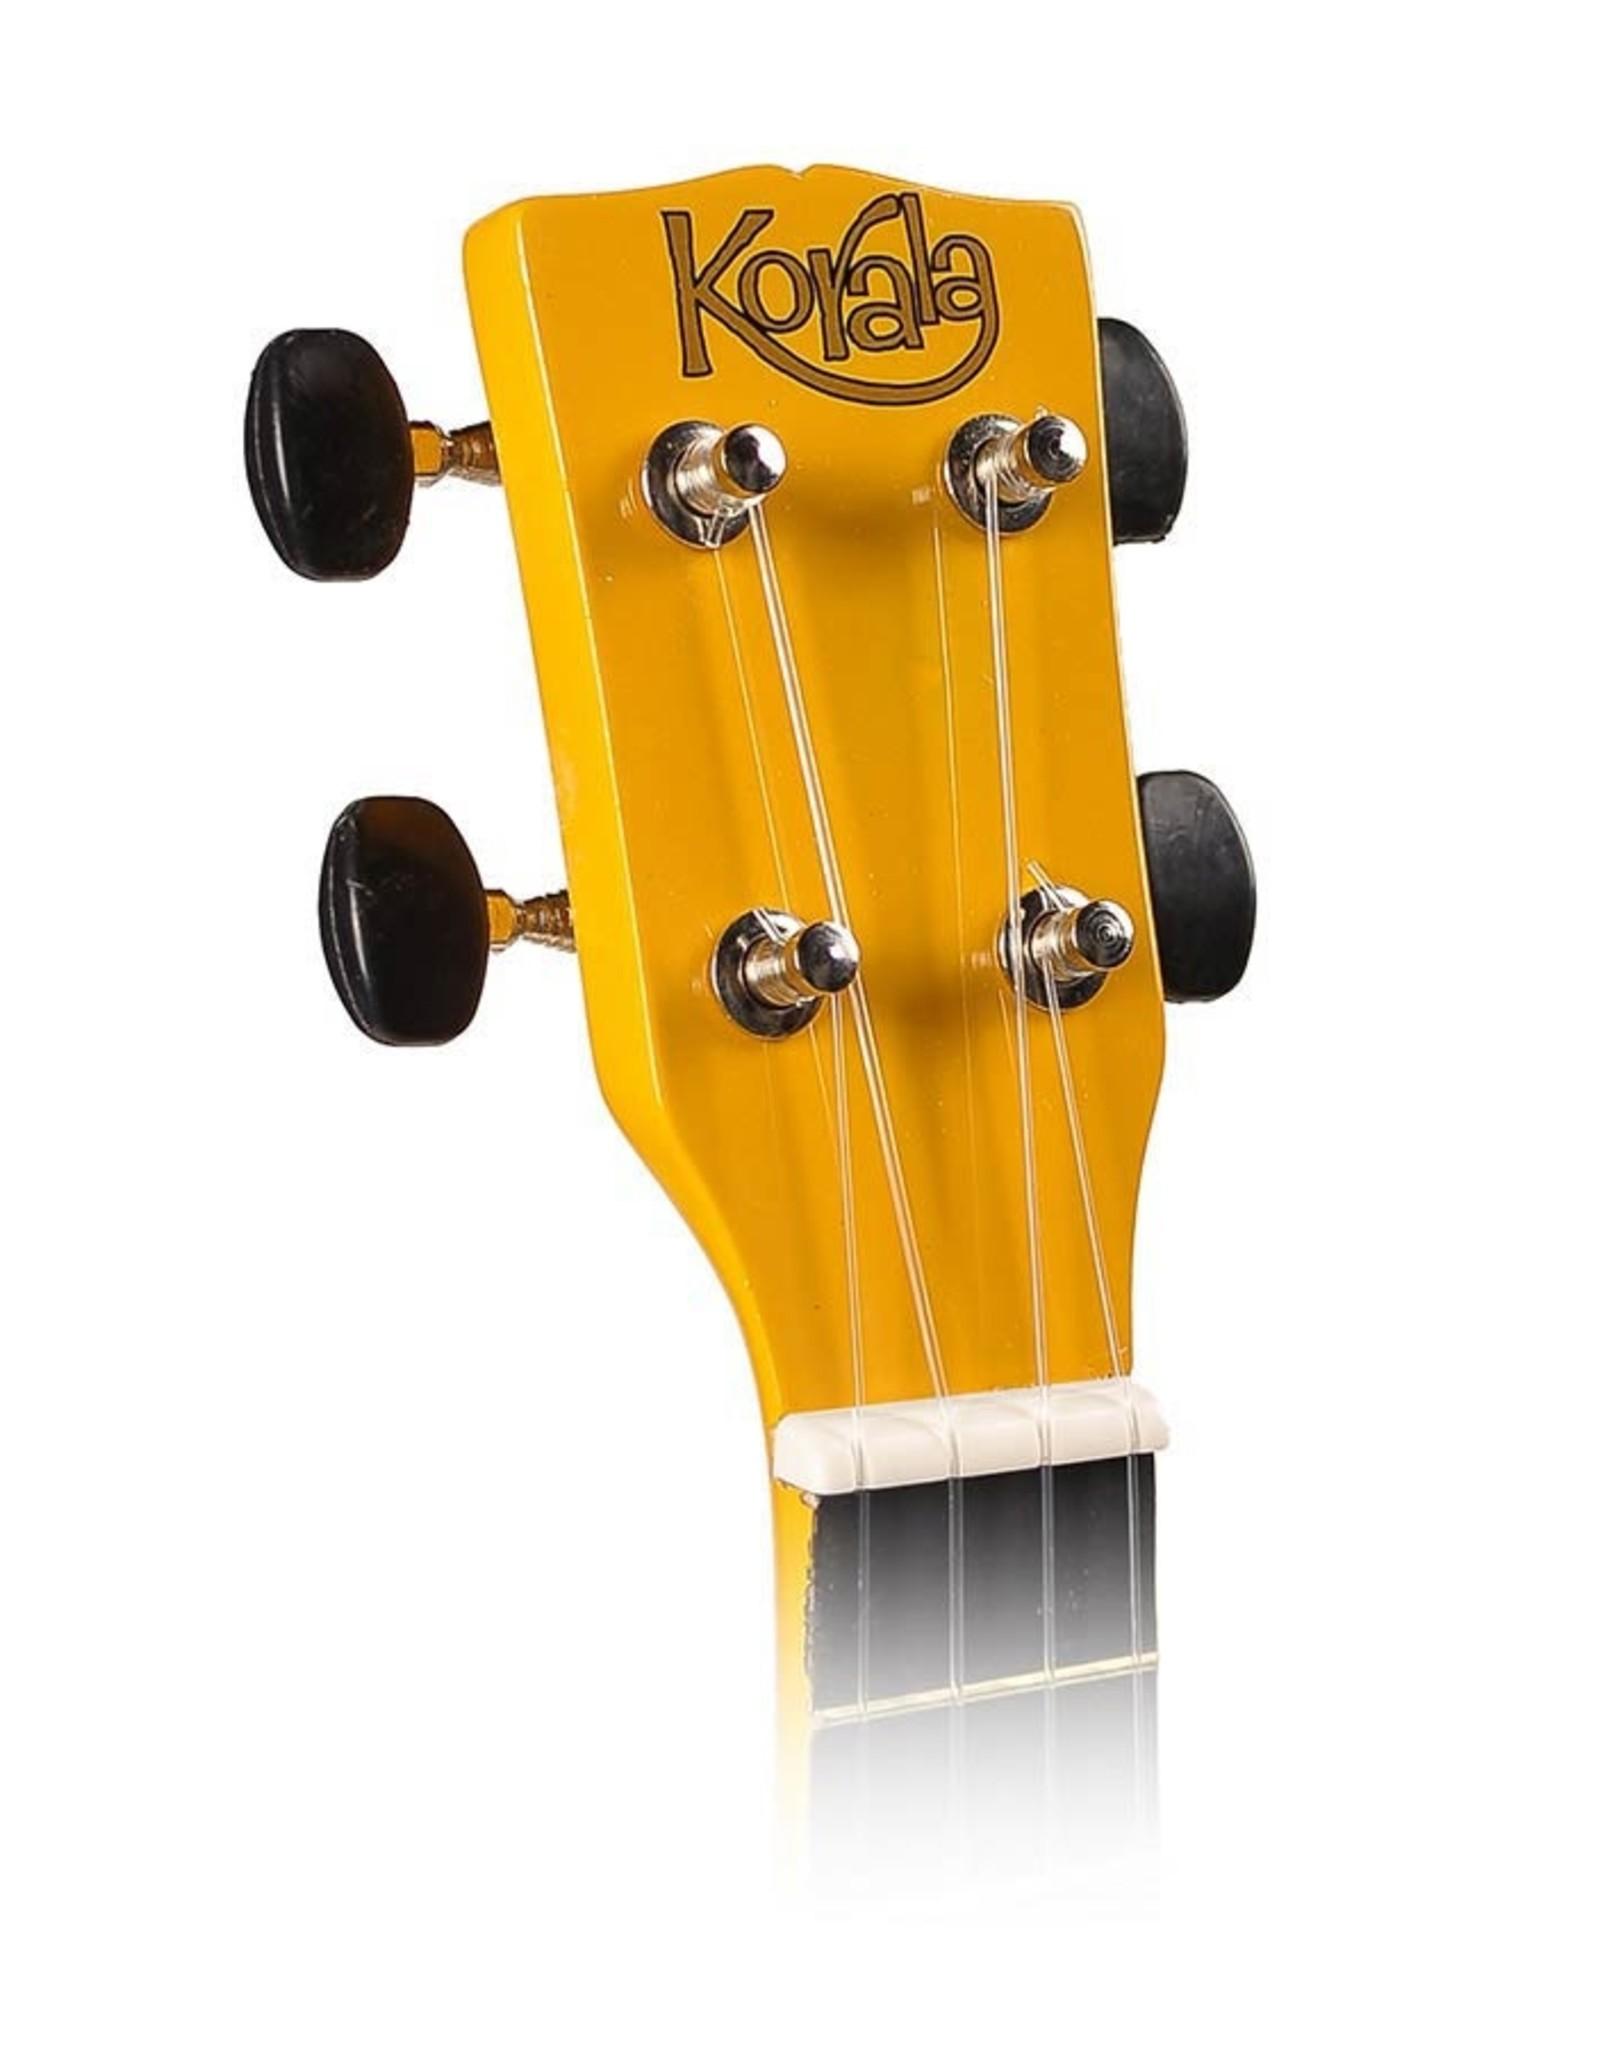 Korala UKS-30-YE  Korala sopraan ukelele met gitaarmechanieken